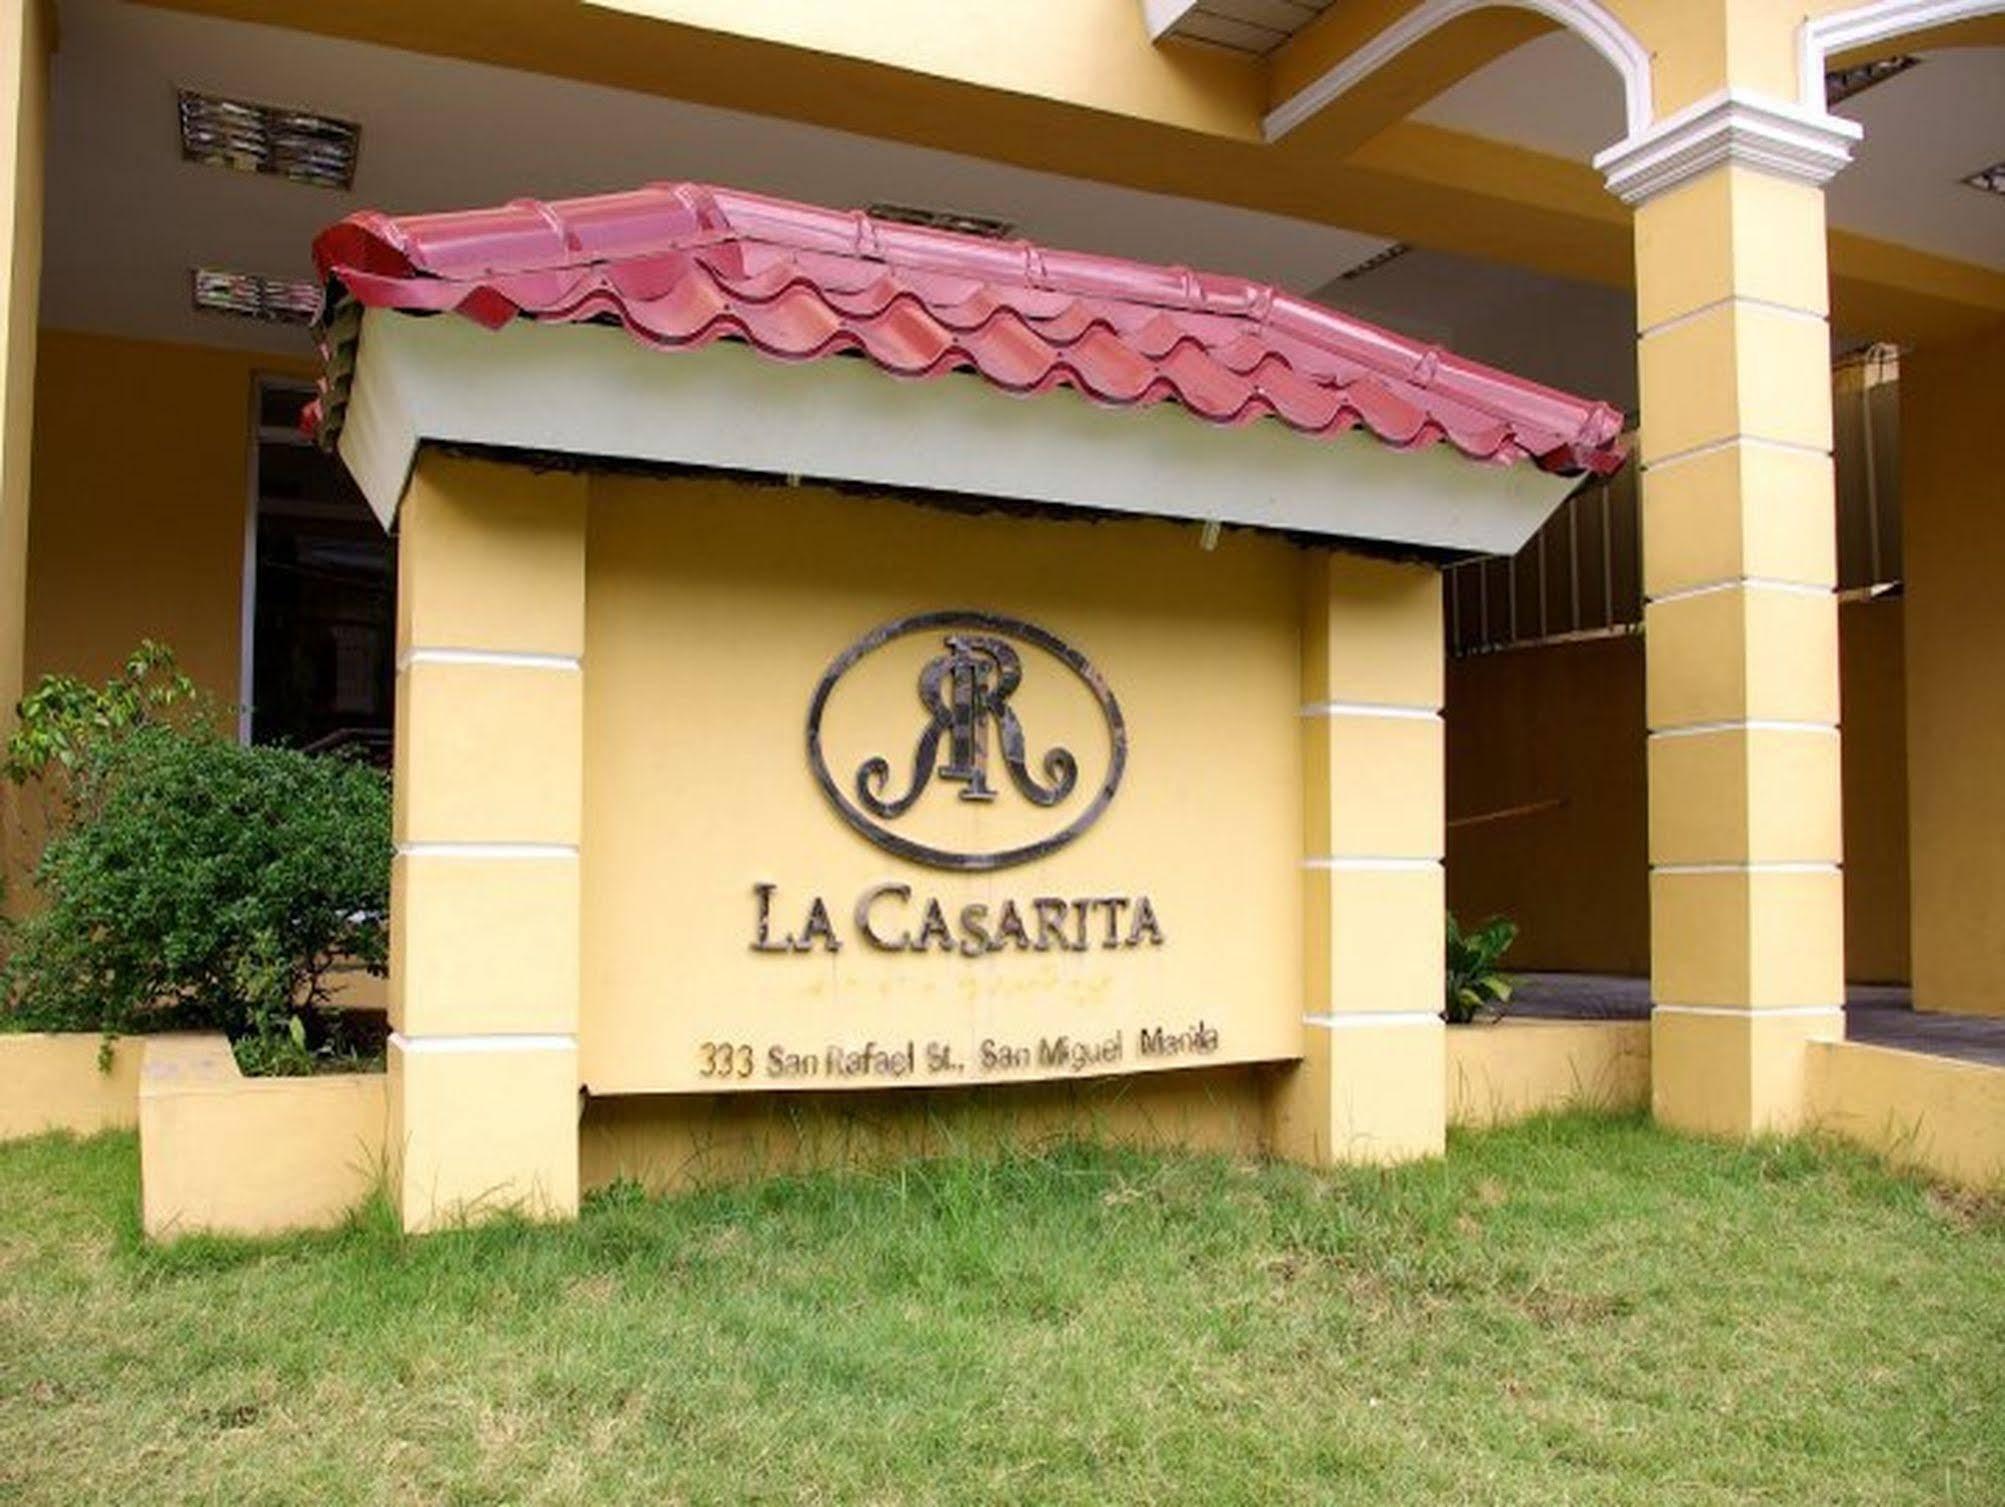 La Casarita